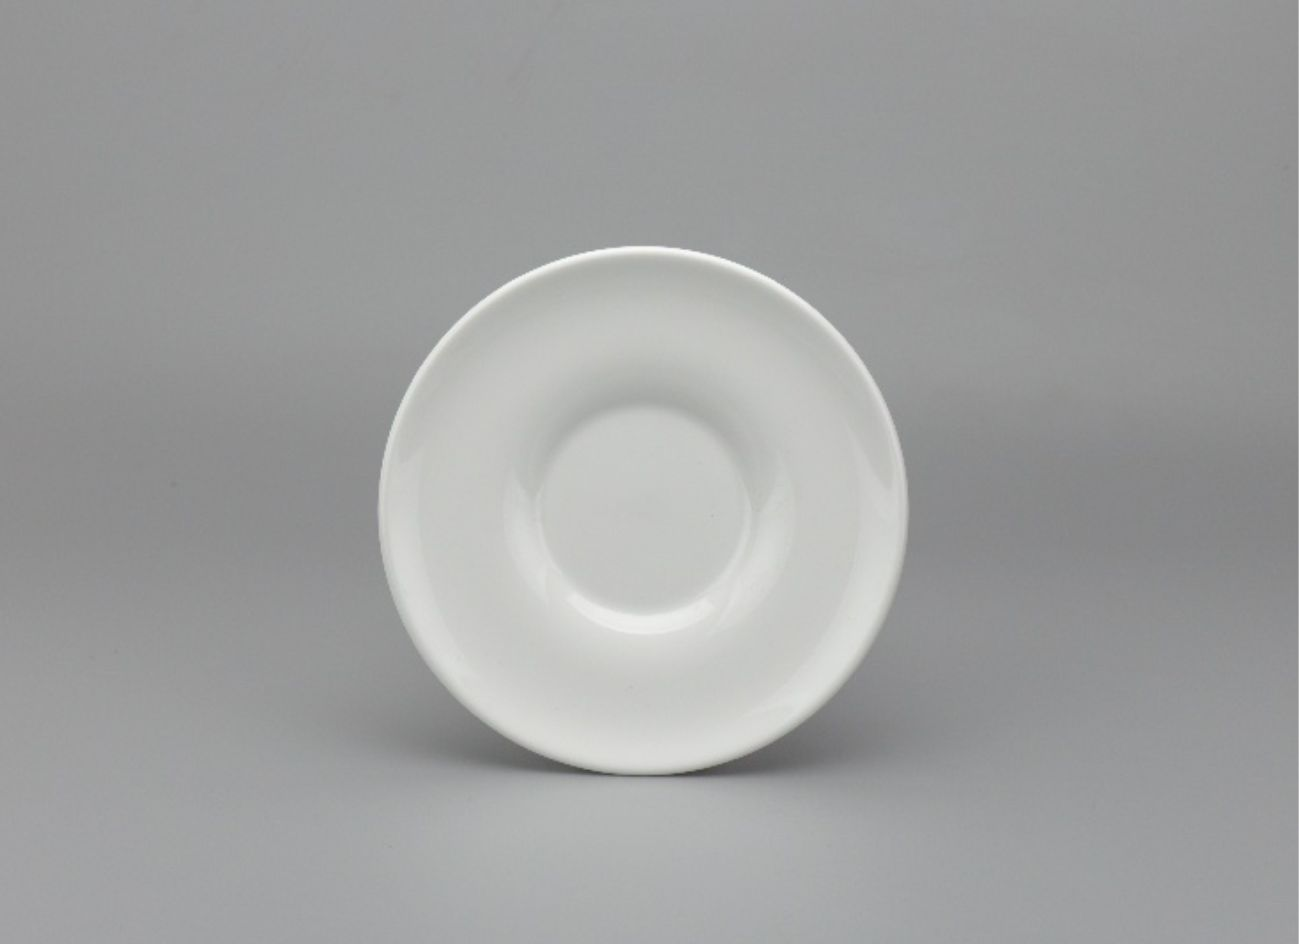 Dĩa lót thố súp 17.5cm Anh Vũ Lys Trắng Ngà 581769000